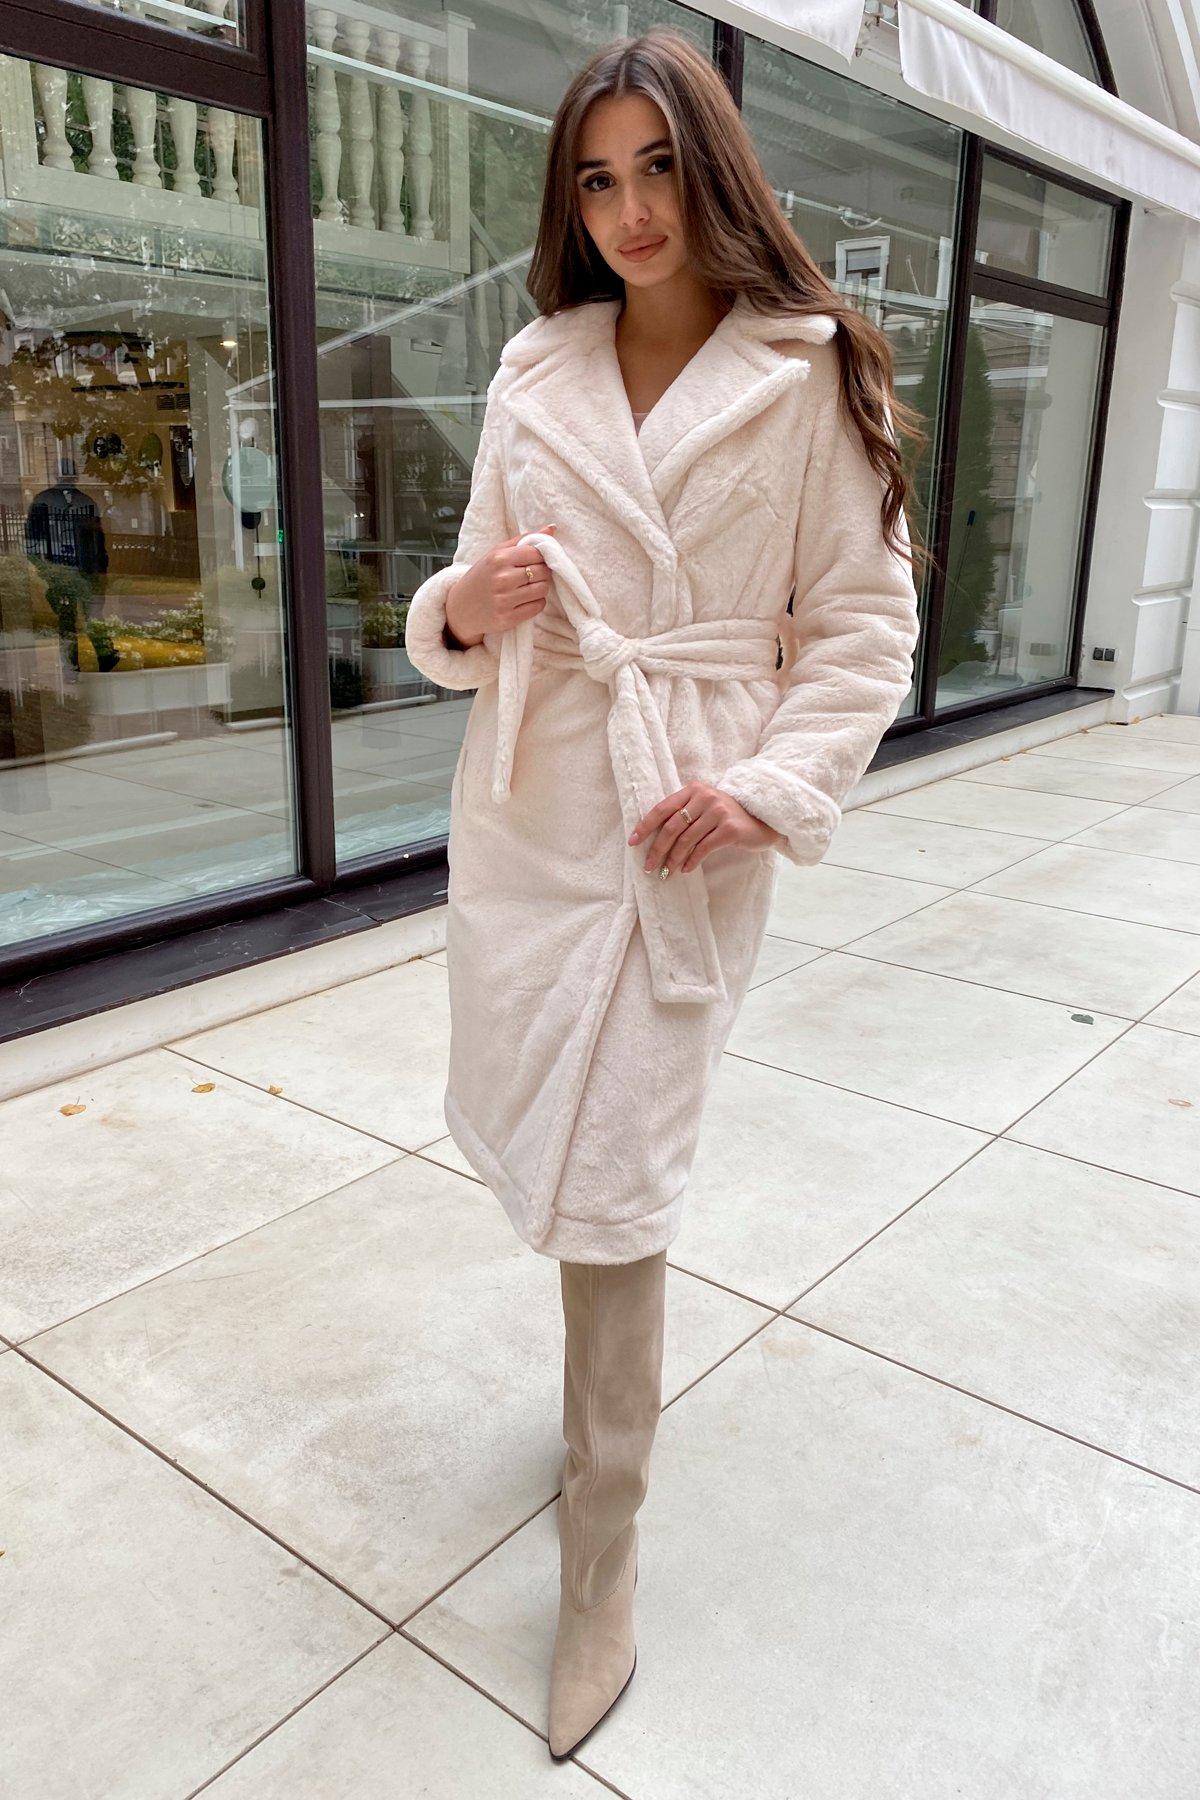 Зимнее пальто из искусственного меха норки Саманта 8641 АРТ. 44957 Цвет: Молоко - фото 4, интернет магазин tm-modus.ru